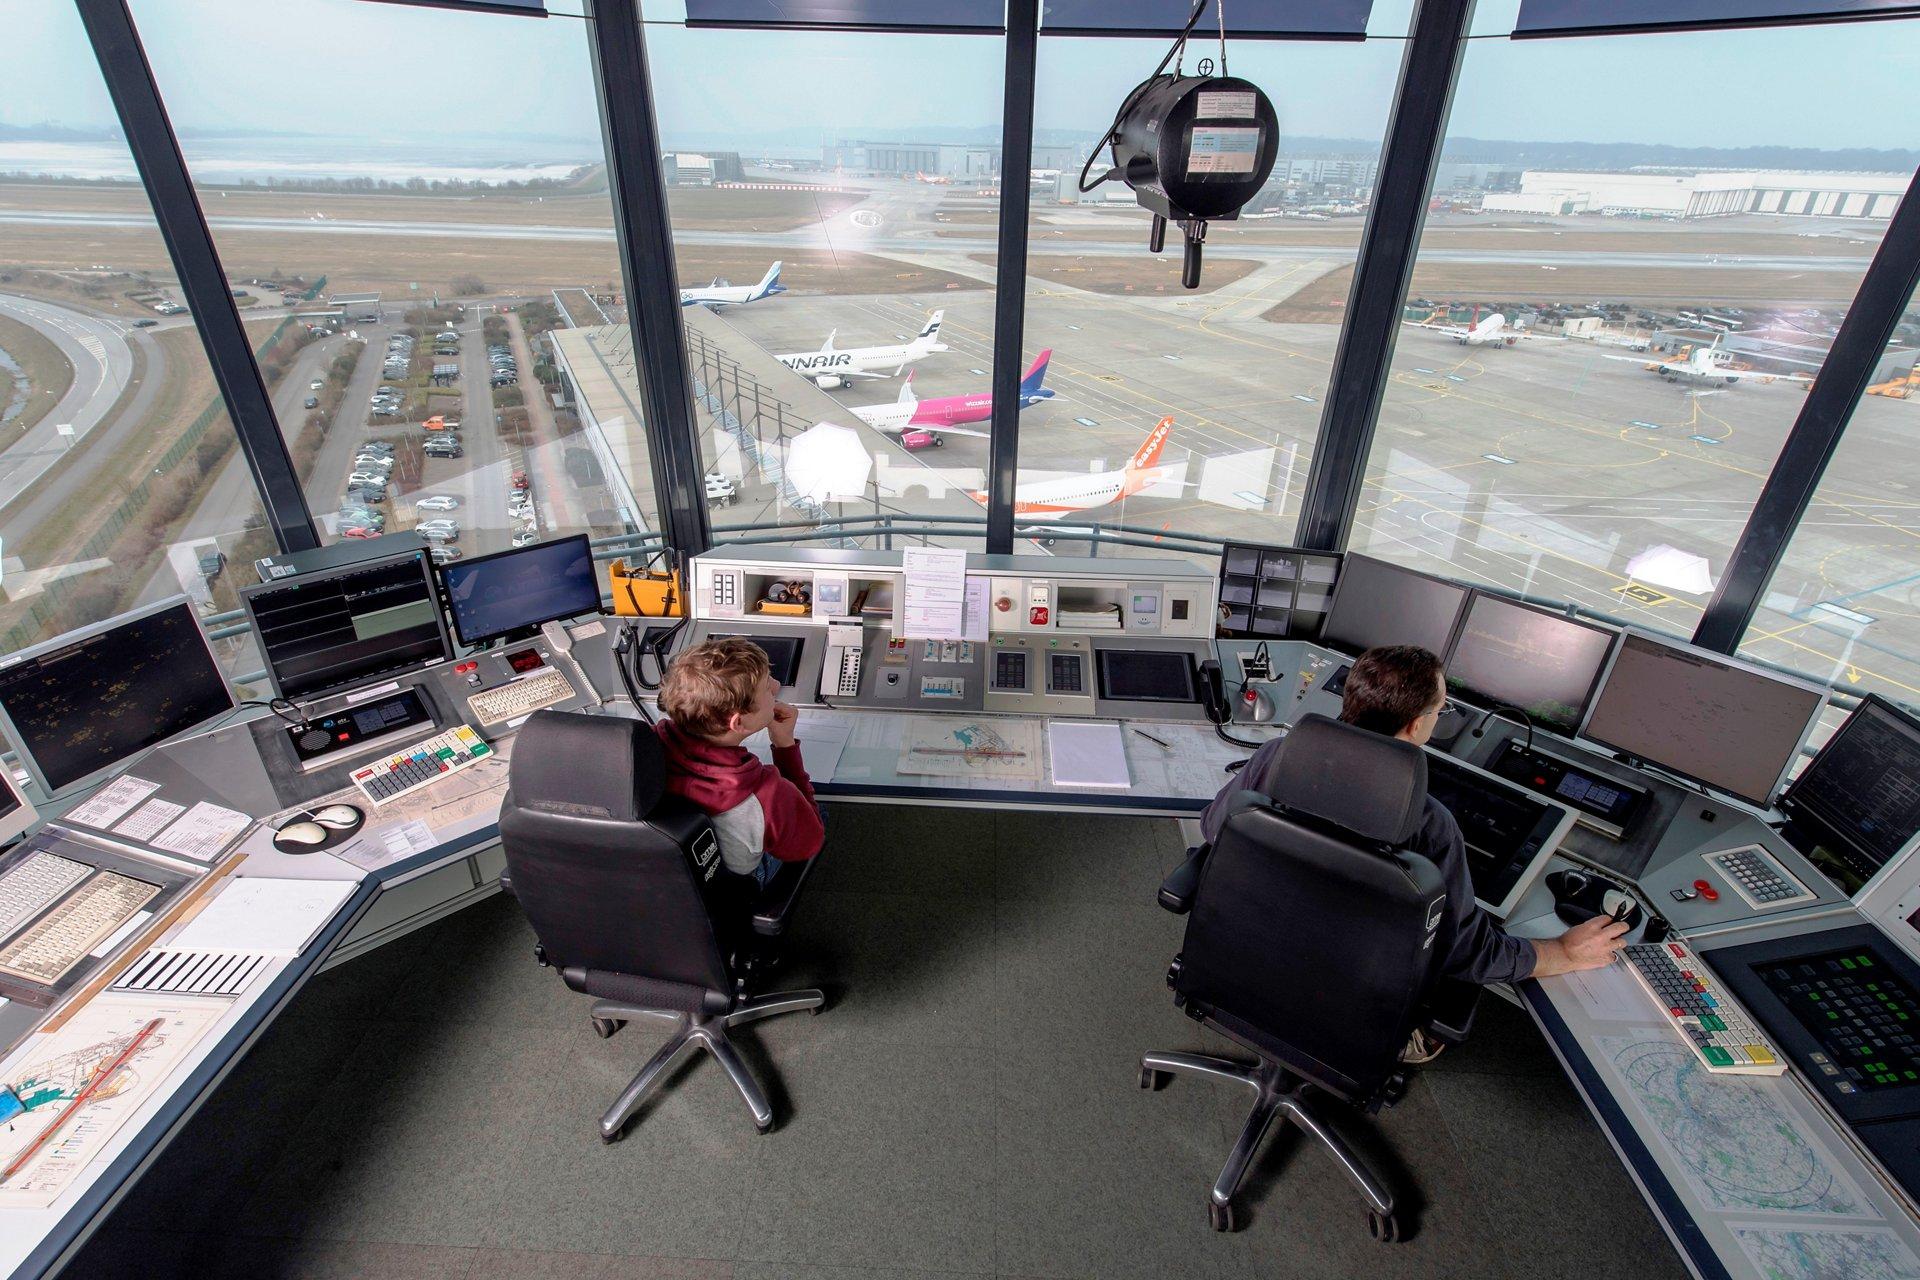 在公认的机场交通繁忙时期, 比如暑假, 终端机区域频繁的大量到达航班迫使管制员将一些飞机送入等待模式.